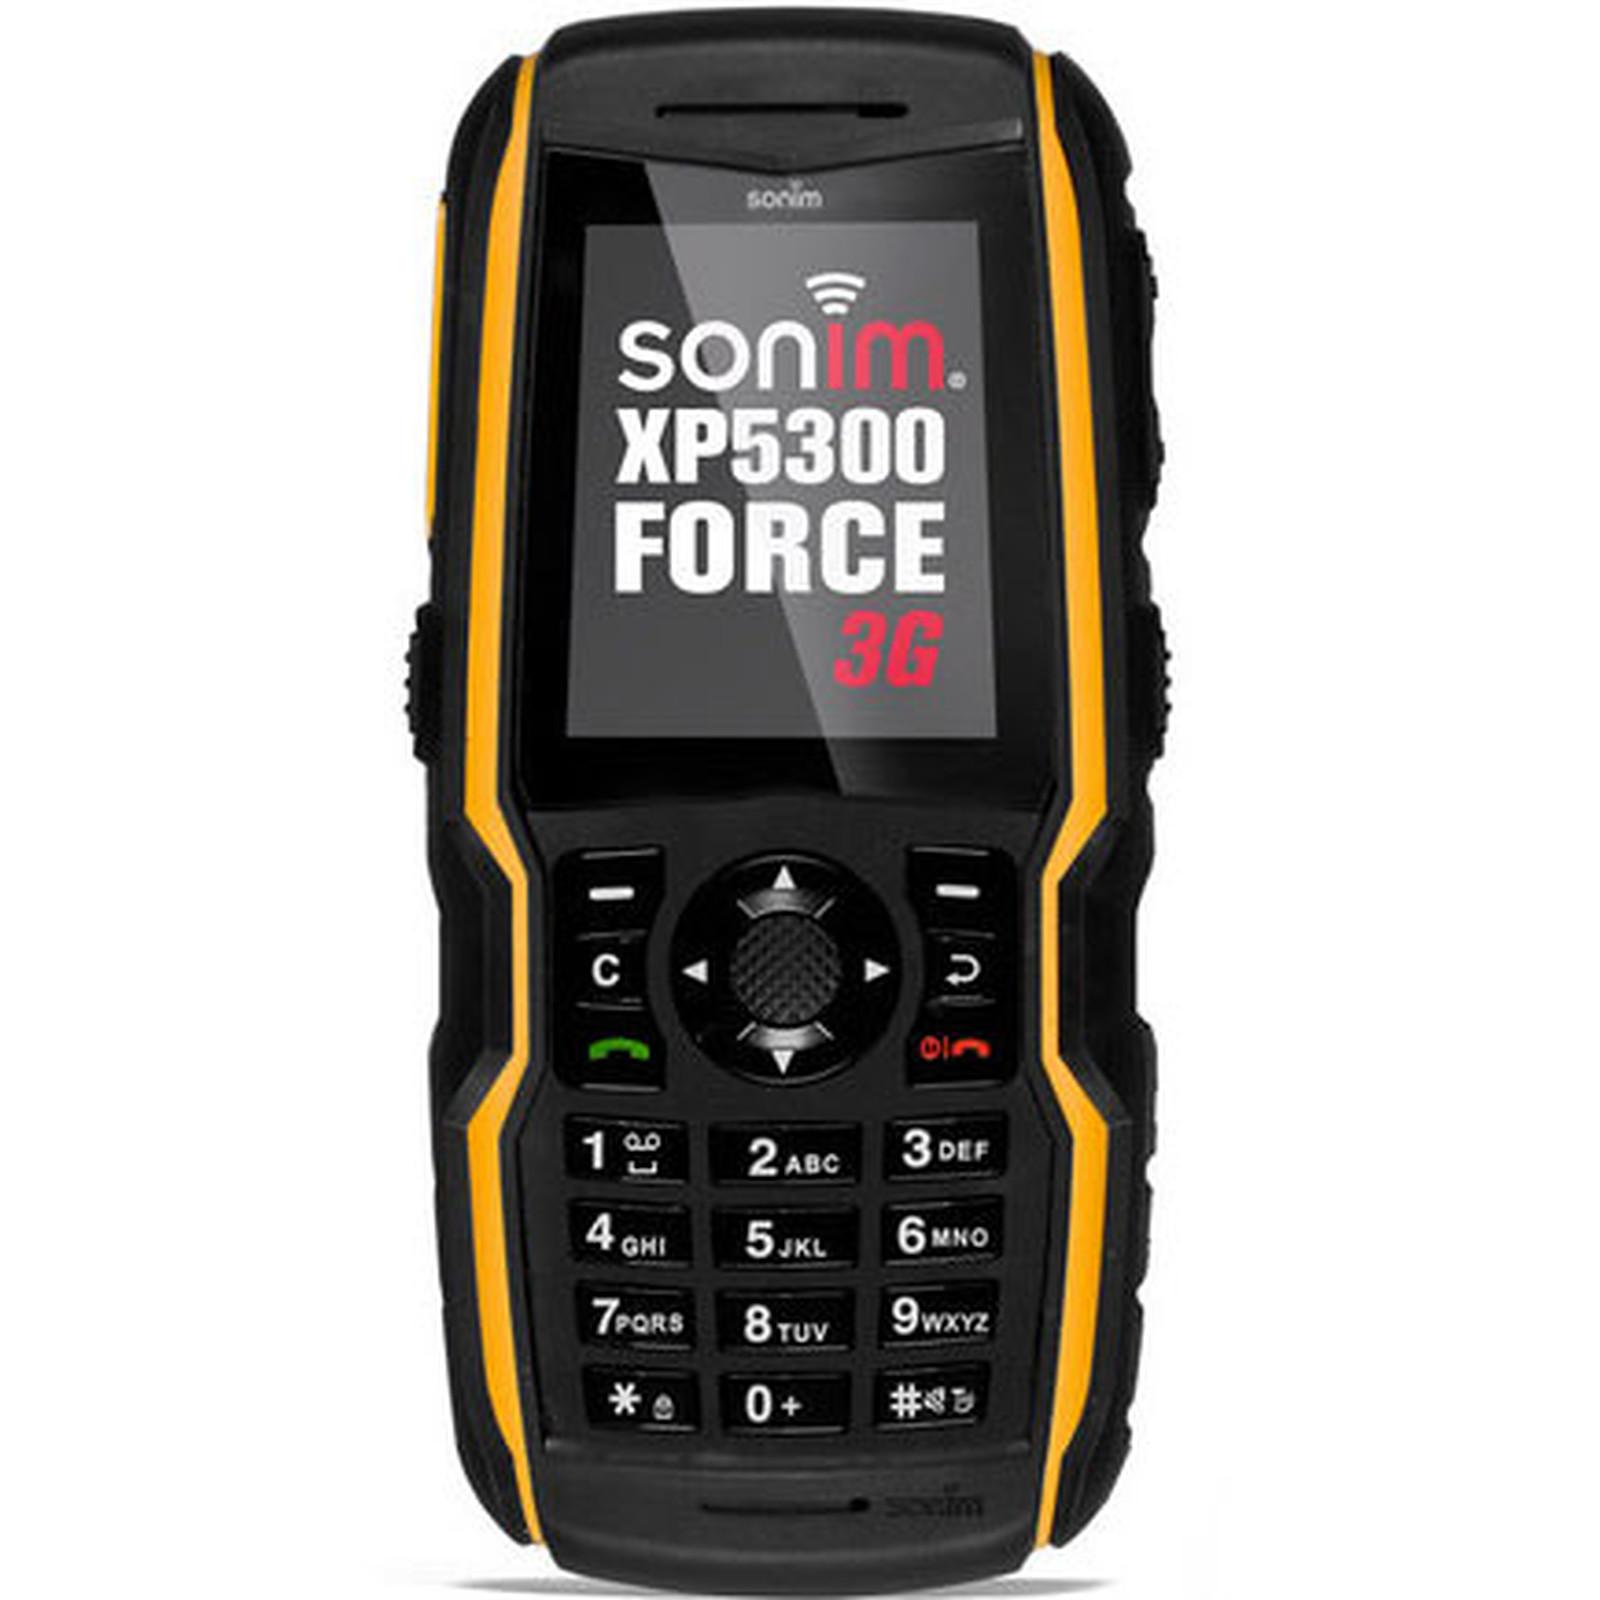 Sonim XP5300 Force Noir/Jaune